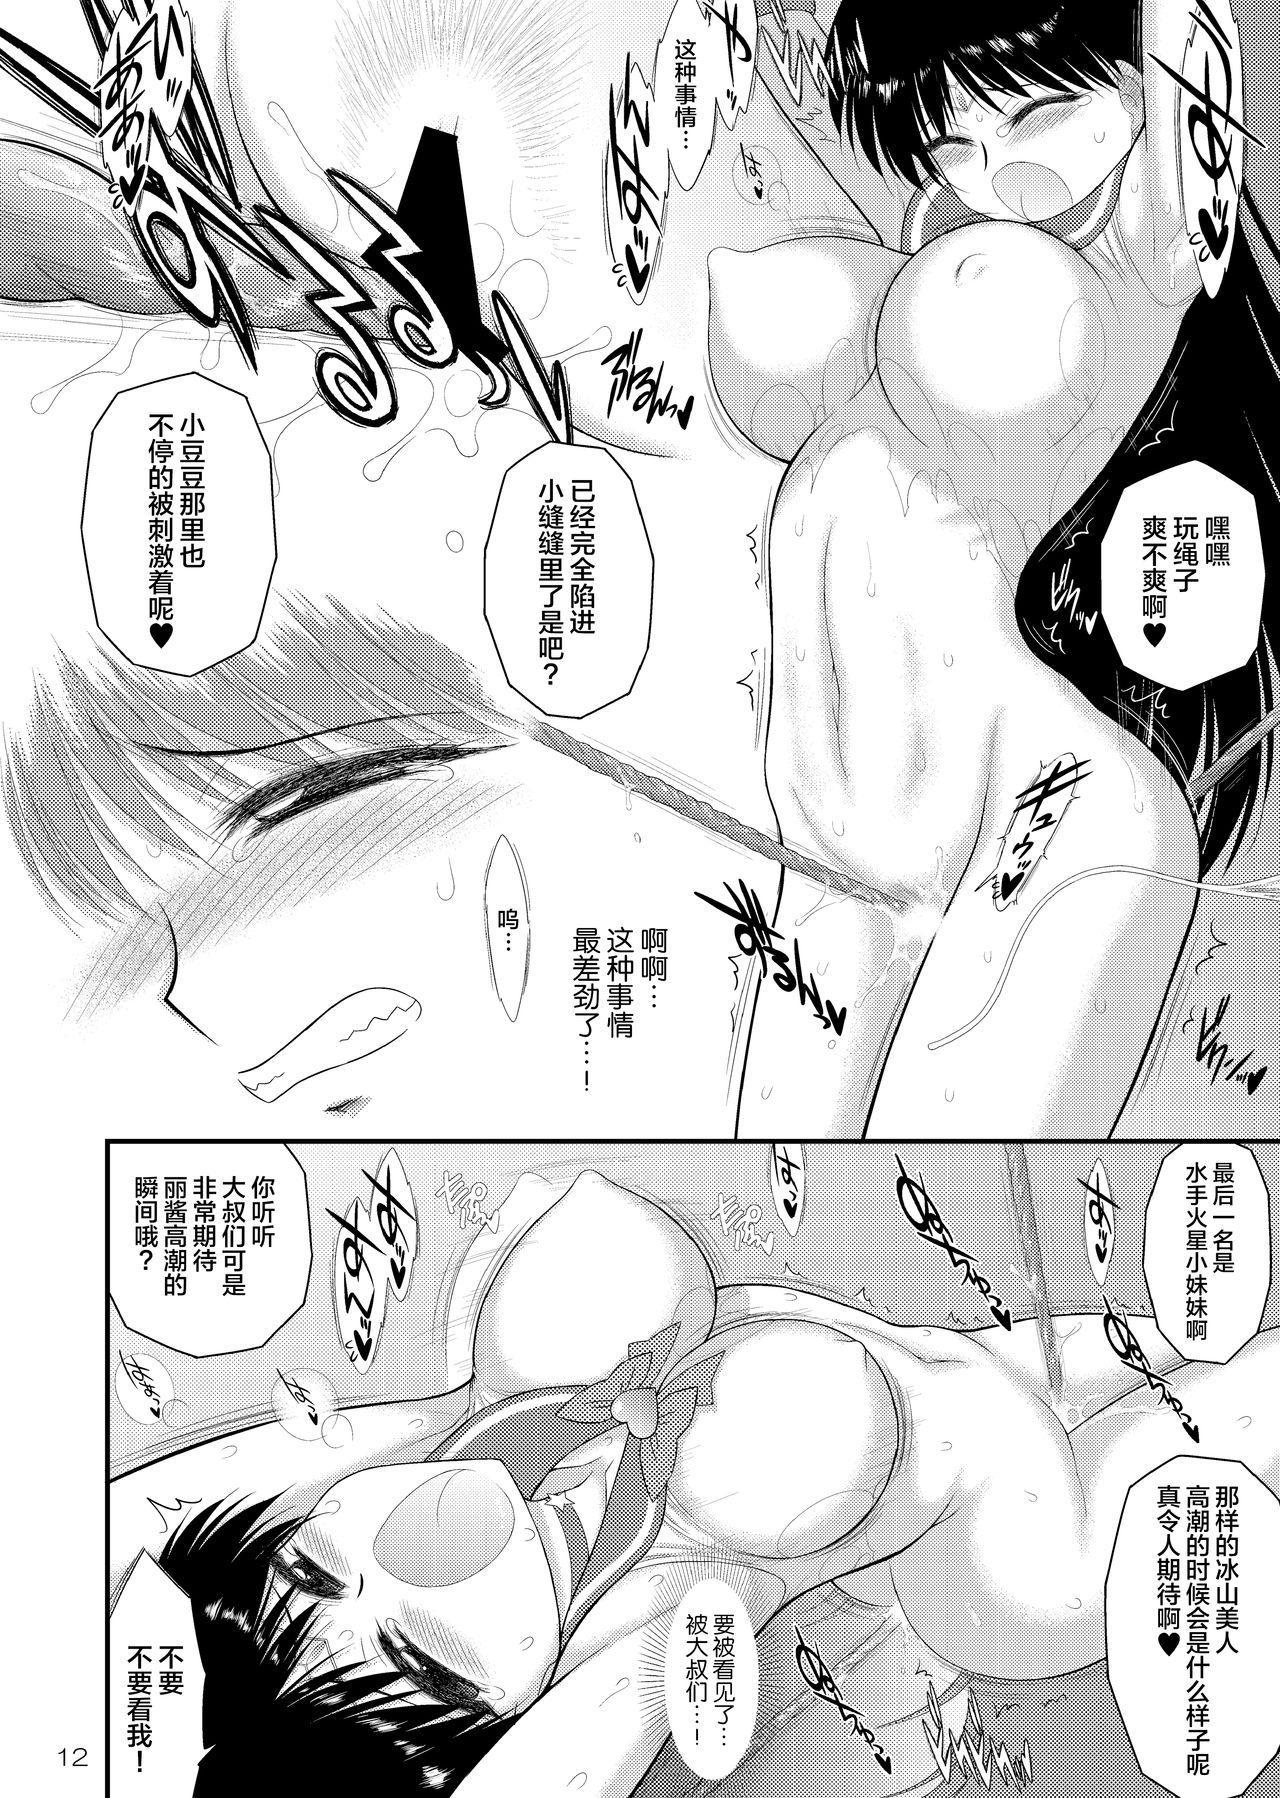 Pregnant Rei Hino 41